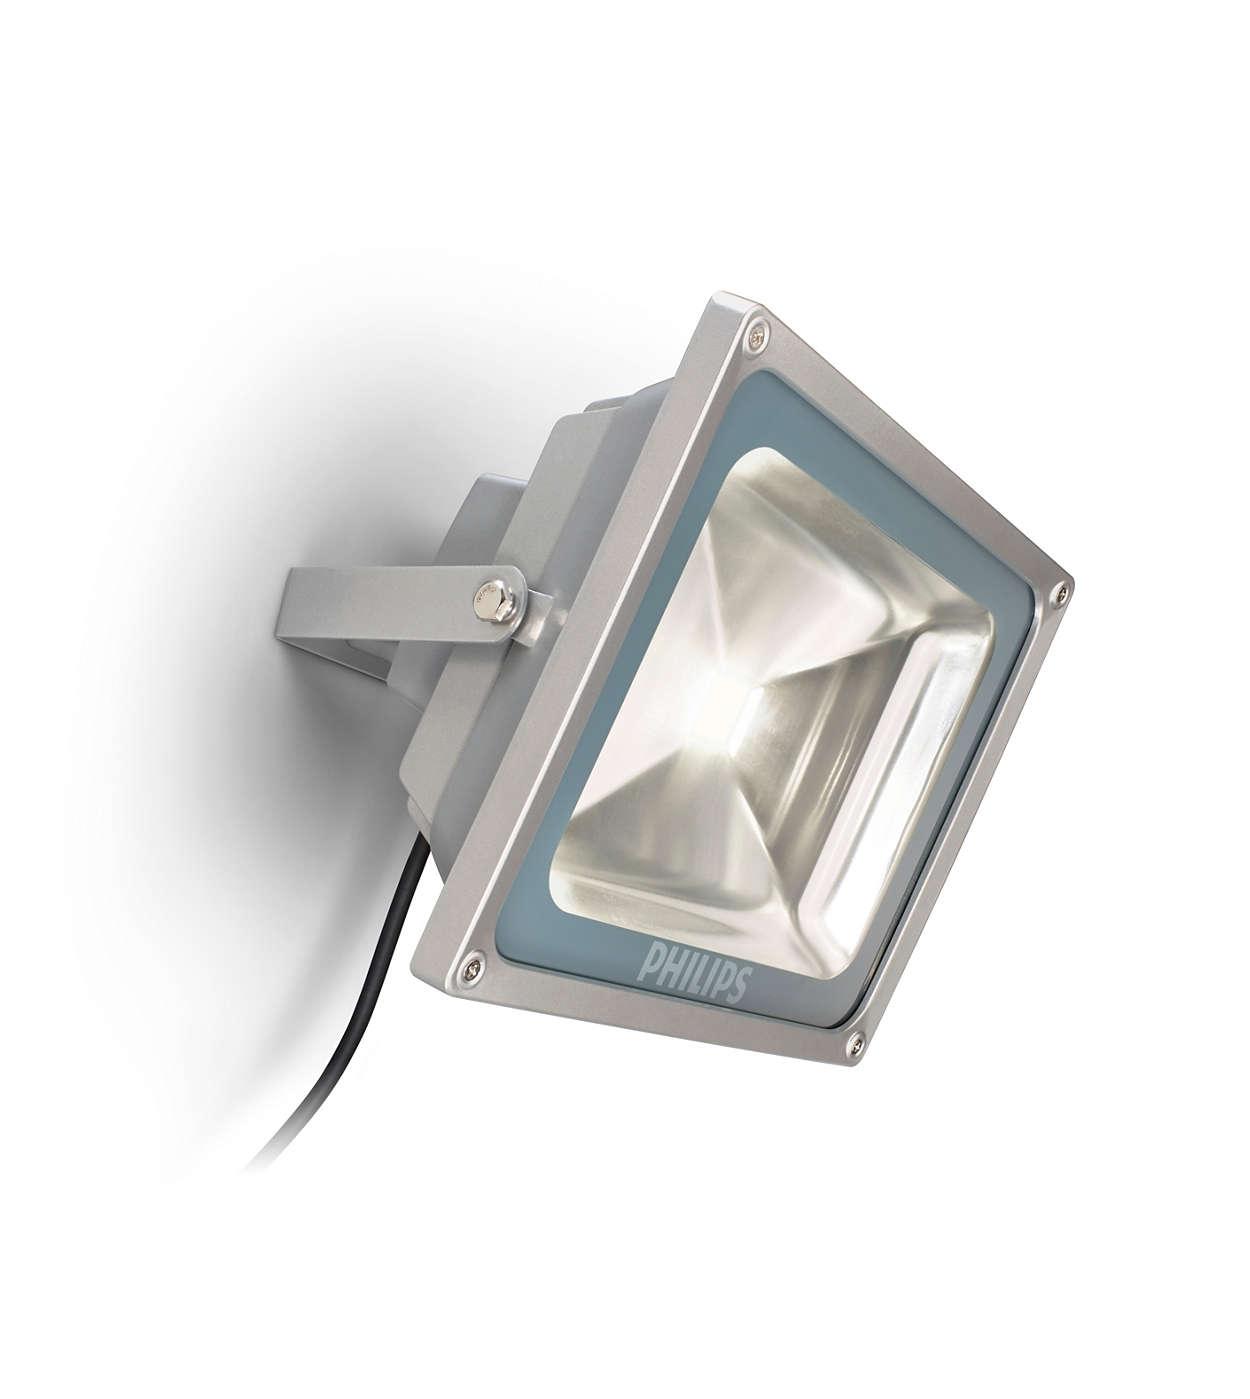 QVF LED